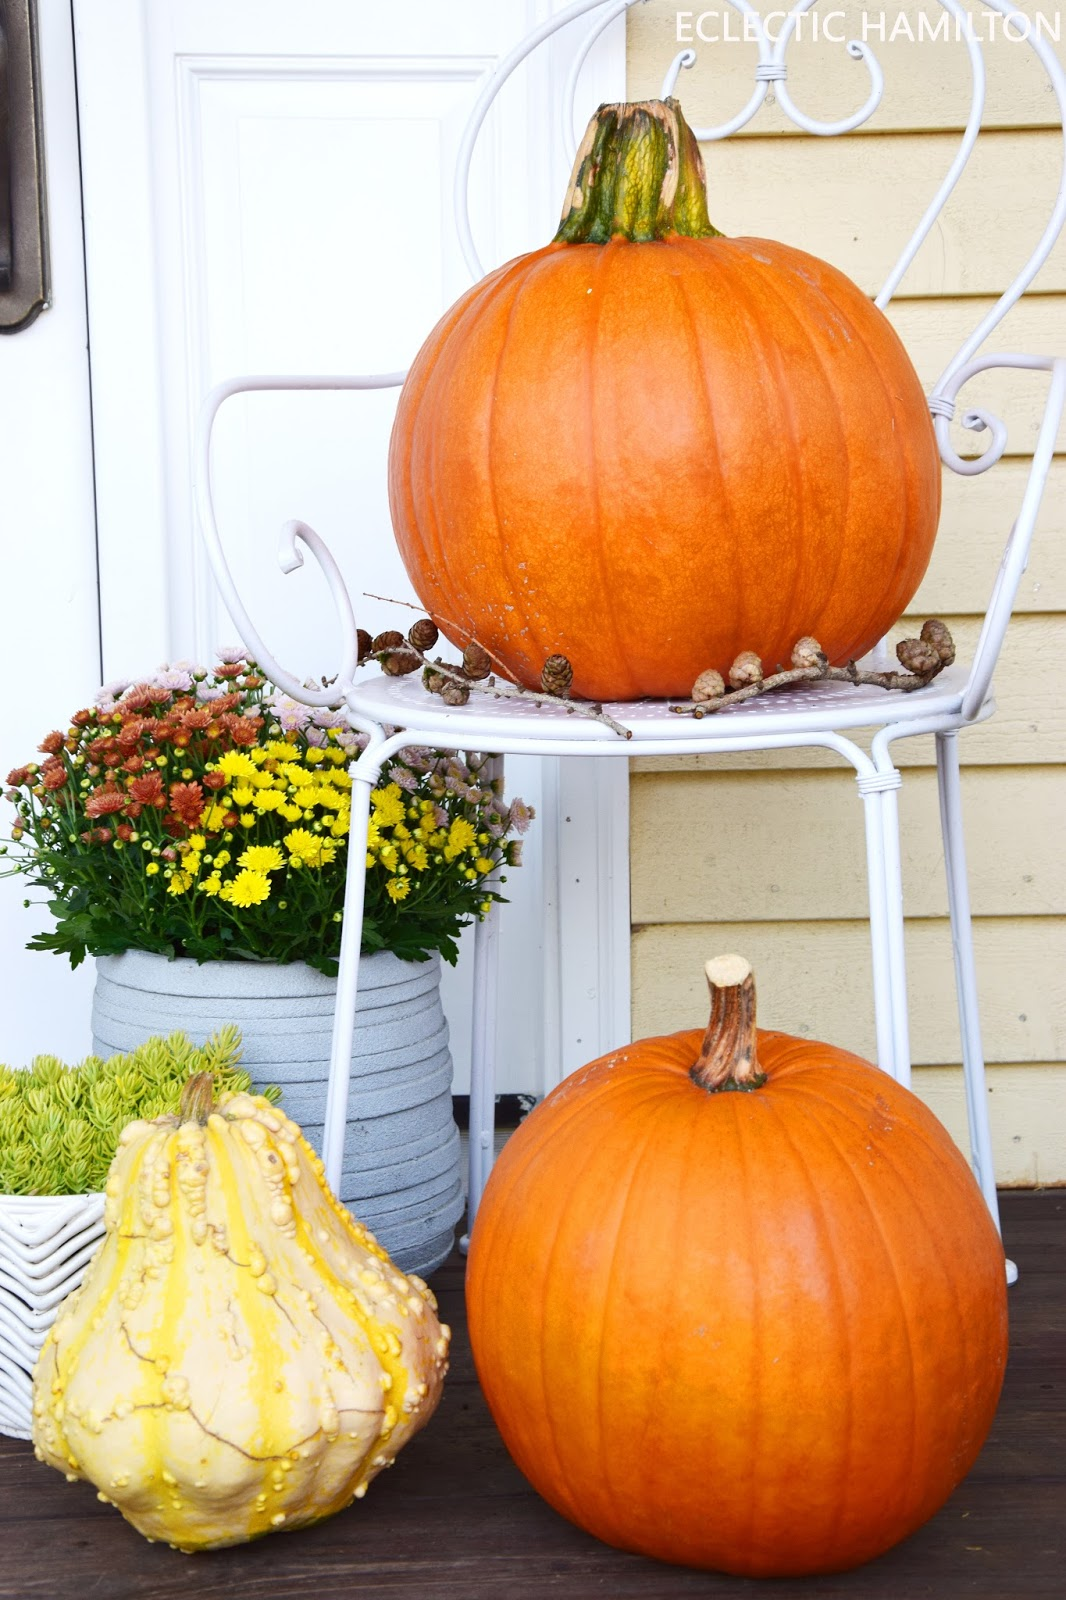 Herbstdeko mit Kürbis und natürlichen Materialien aus dem Wald: Moos, Tannenzapfen. Deko, Dekoration, Kürbis, Mais